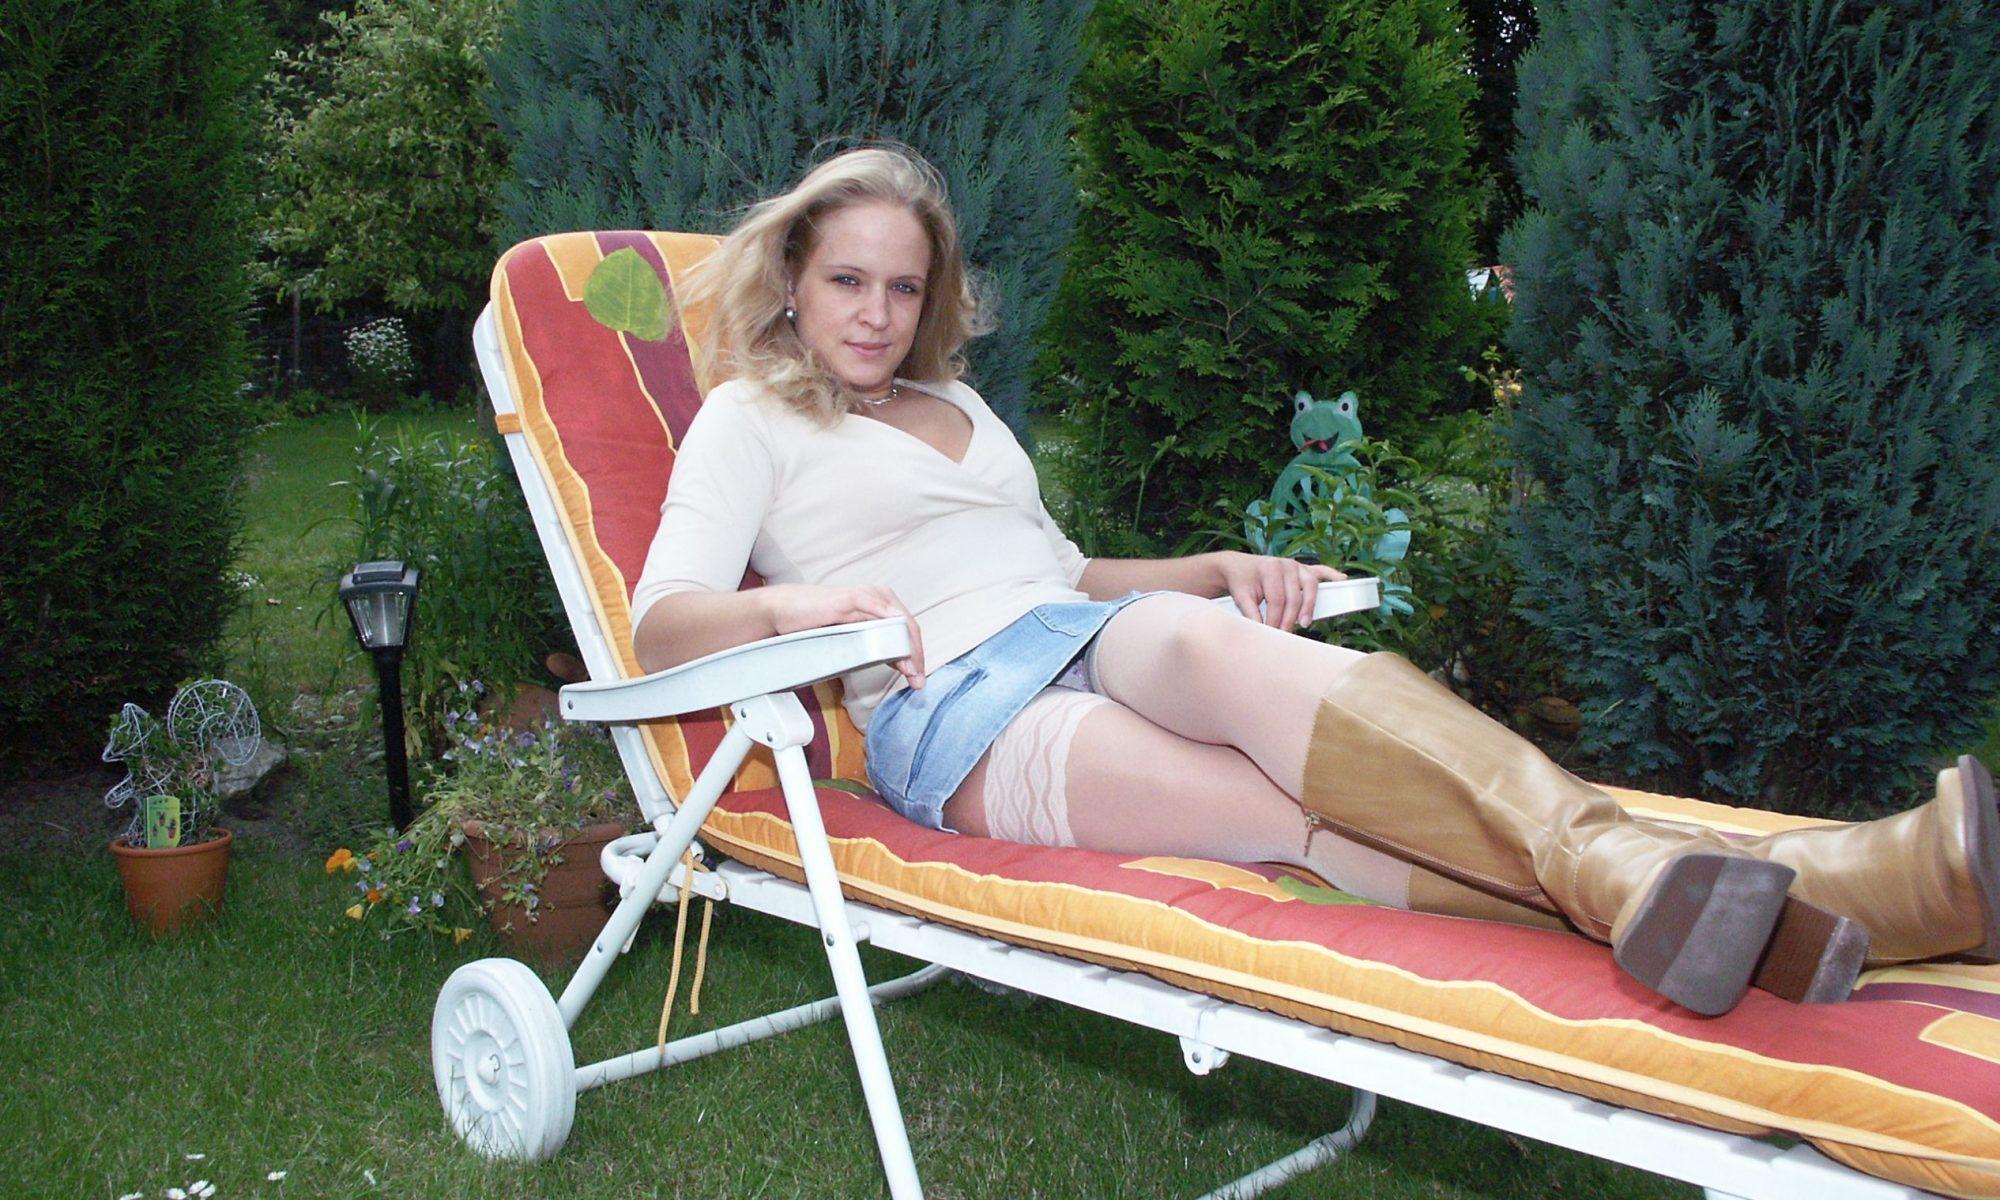 Blonde Sie will erotische Freundschaften finden